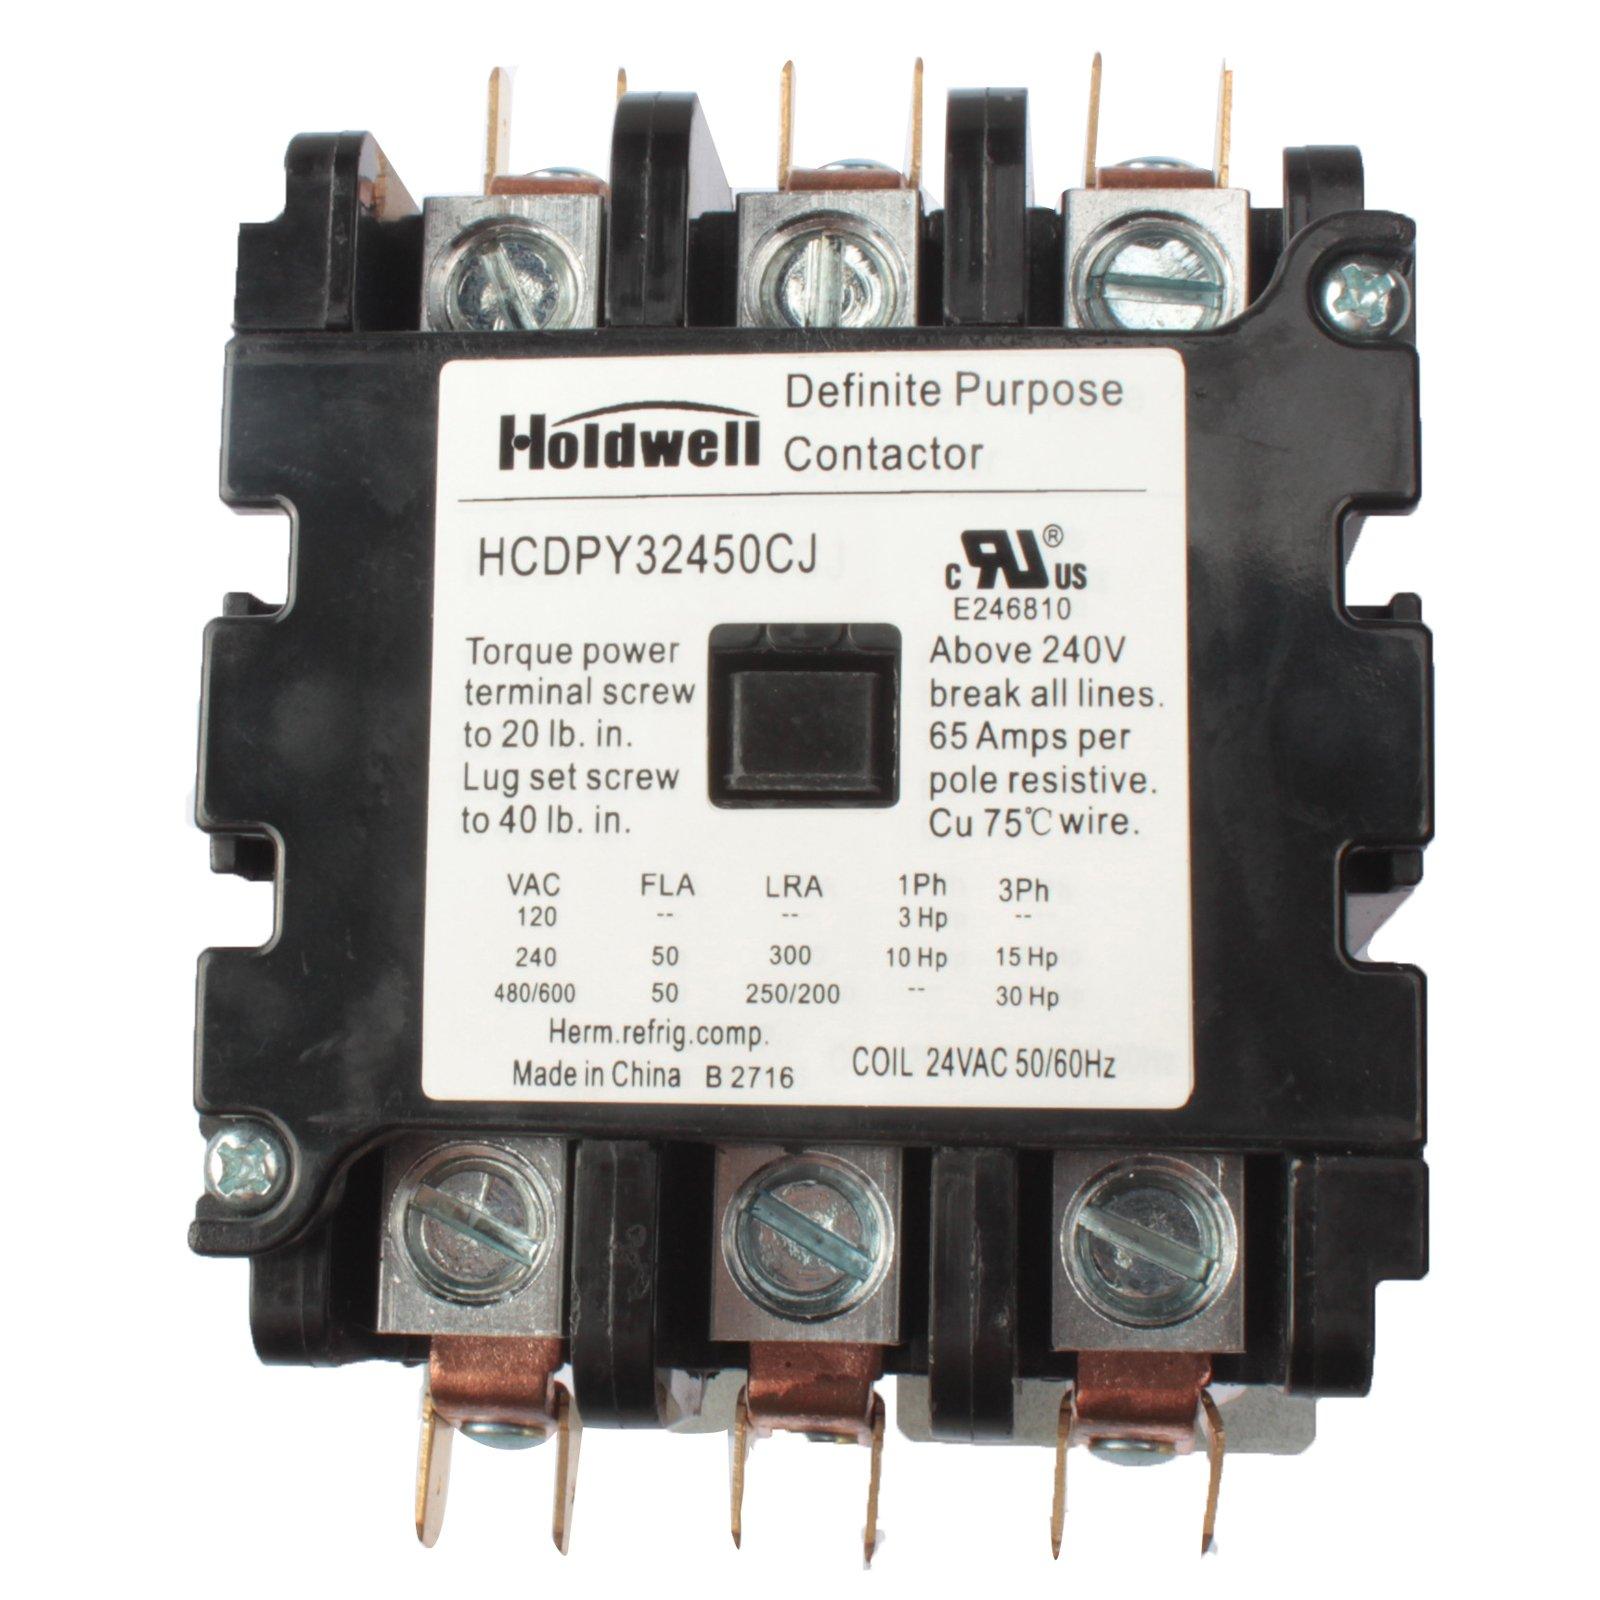 Holdwell 42DF35AJ 3 Pole 50 Amp 24V Coil Definite Purpose Contactor